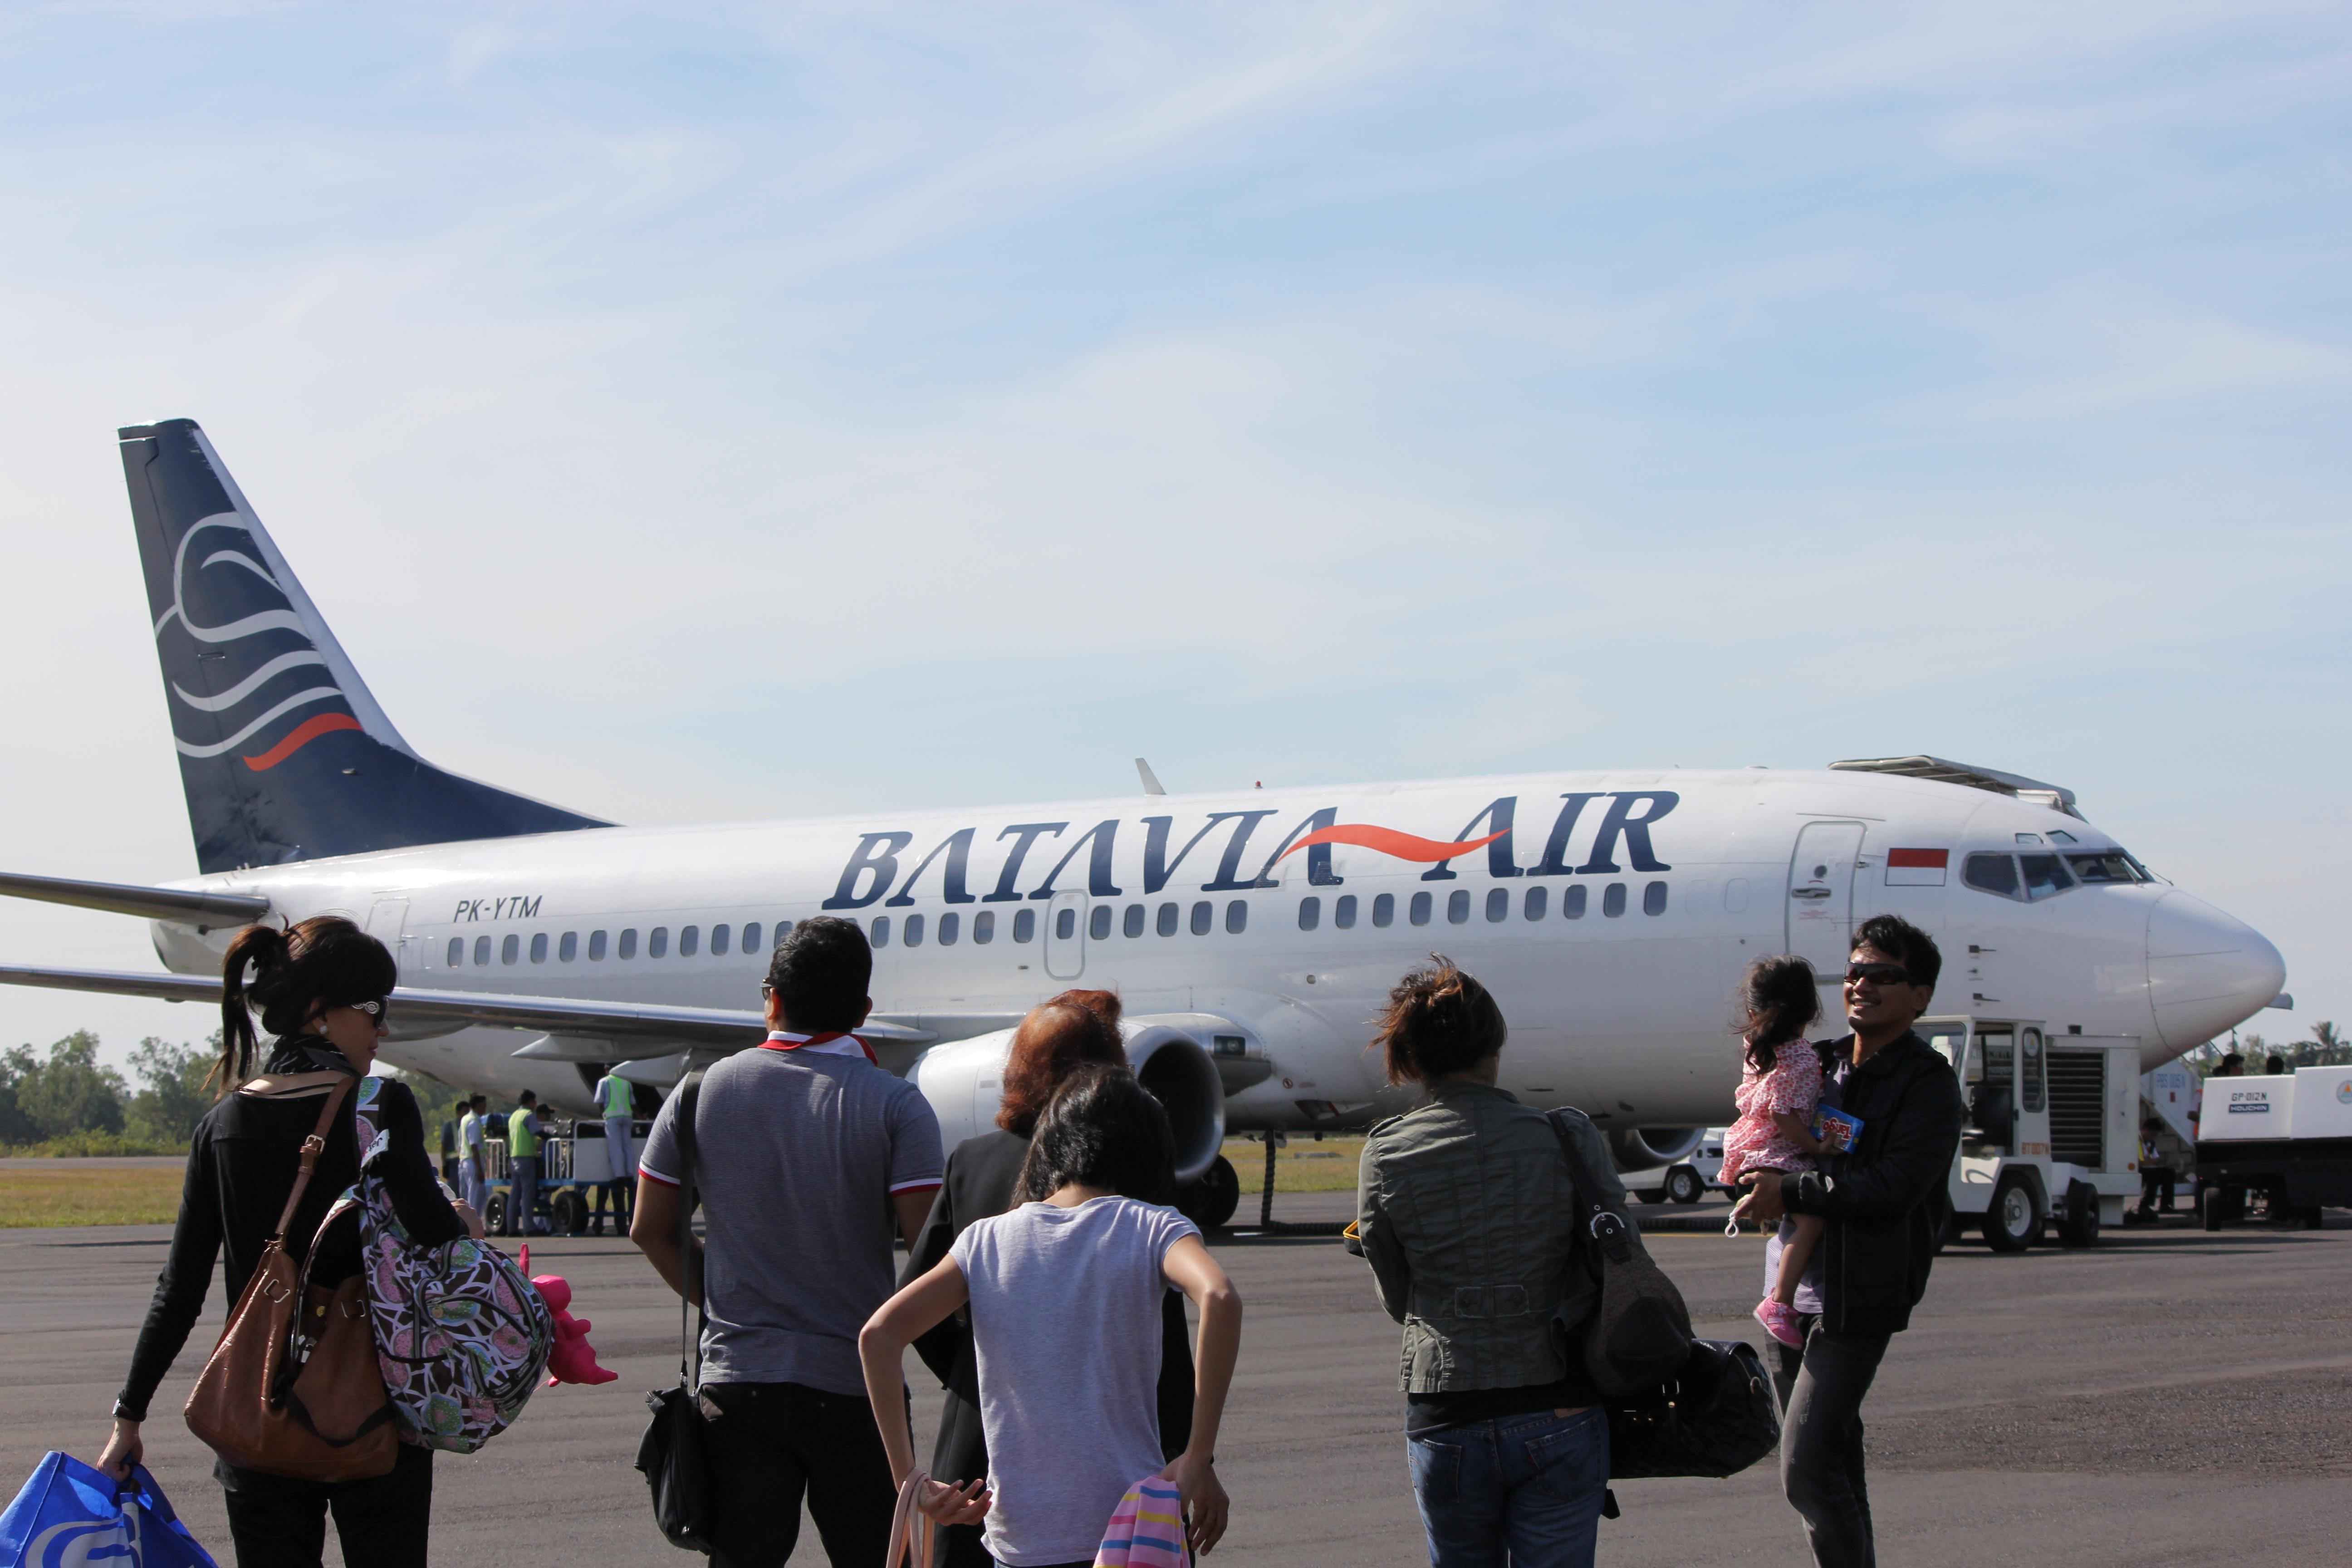 Batavia Air Quiz